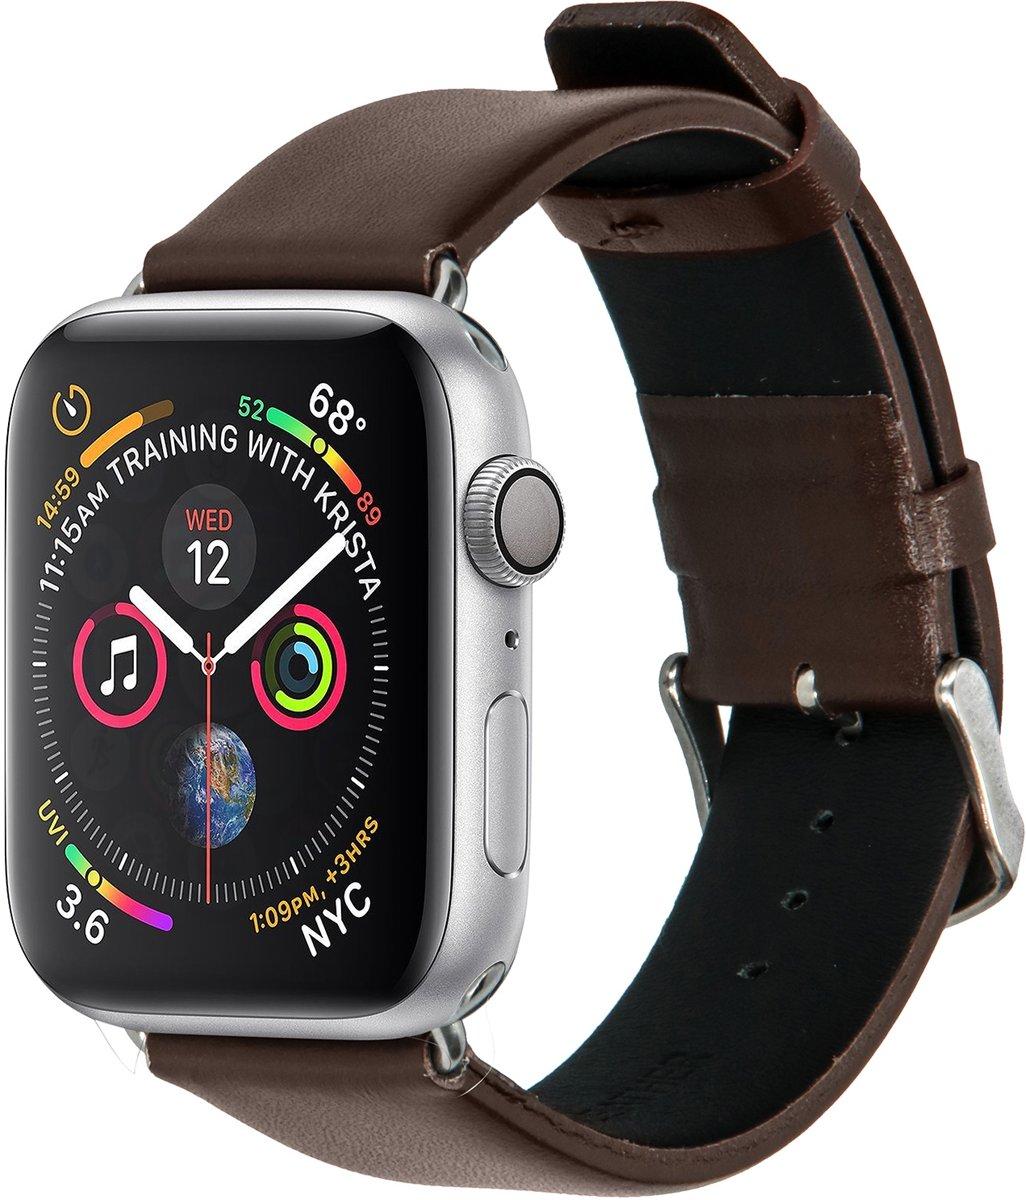 Donkerbruin effen lederen bandje voor de Apple Watch 44 mm / 42 mm kopen